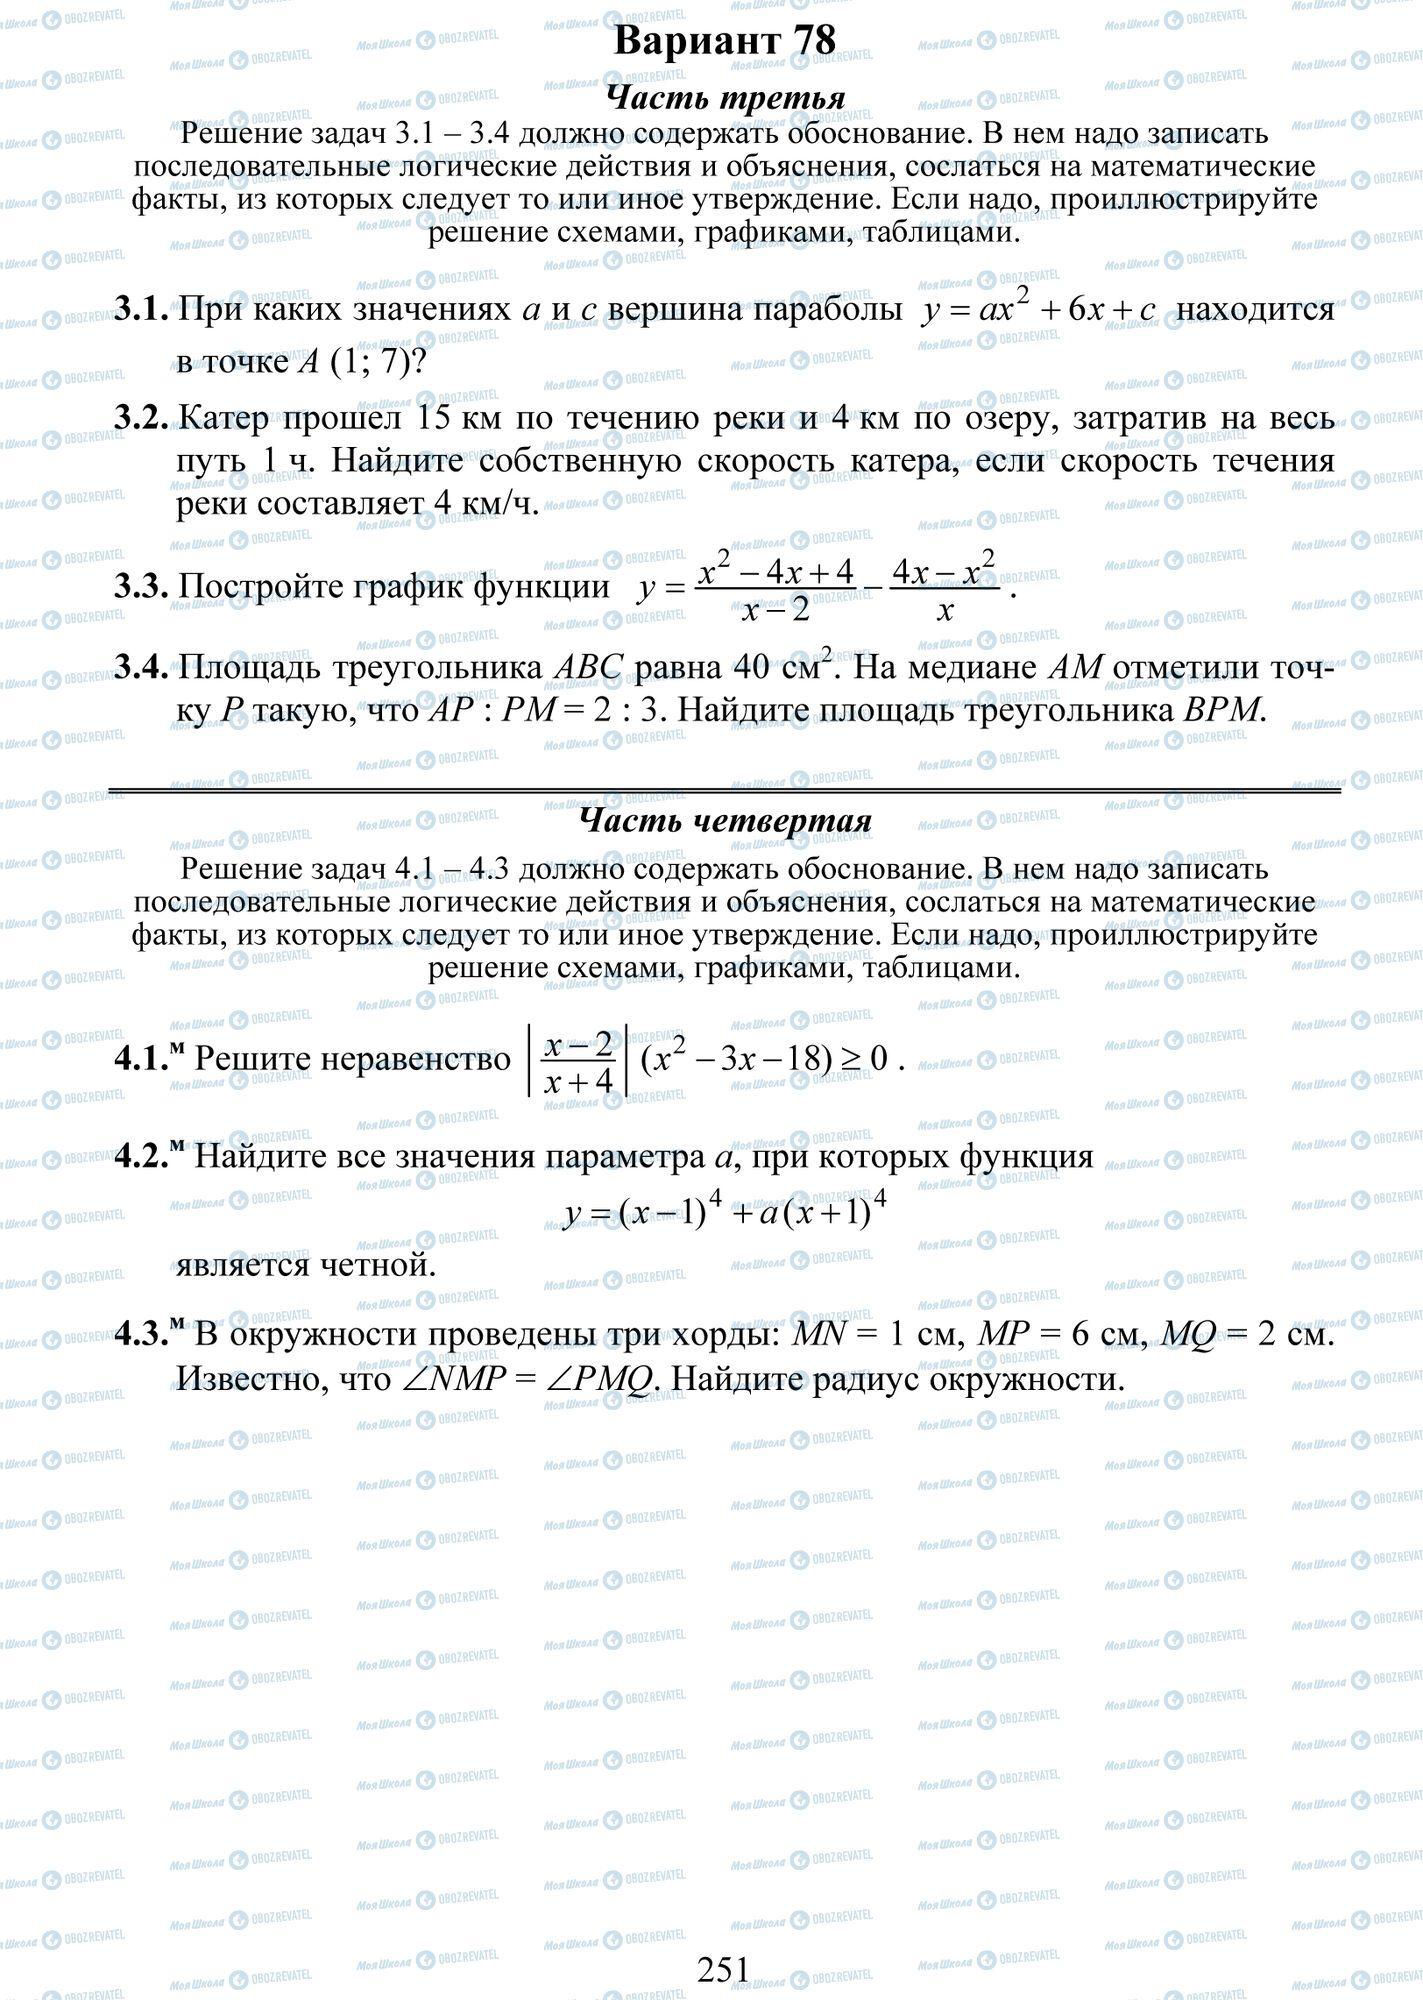 ДПА Математика 9 класс страница 1-4 --- 1-3